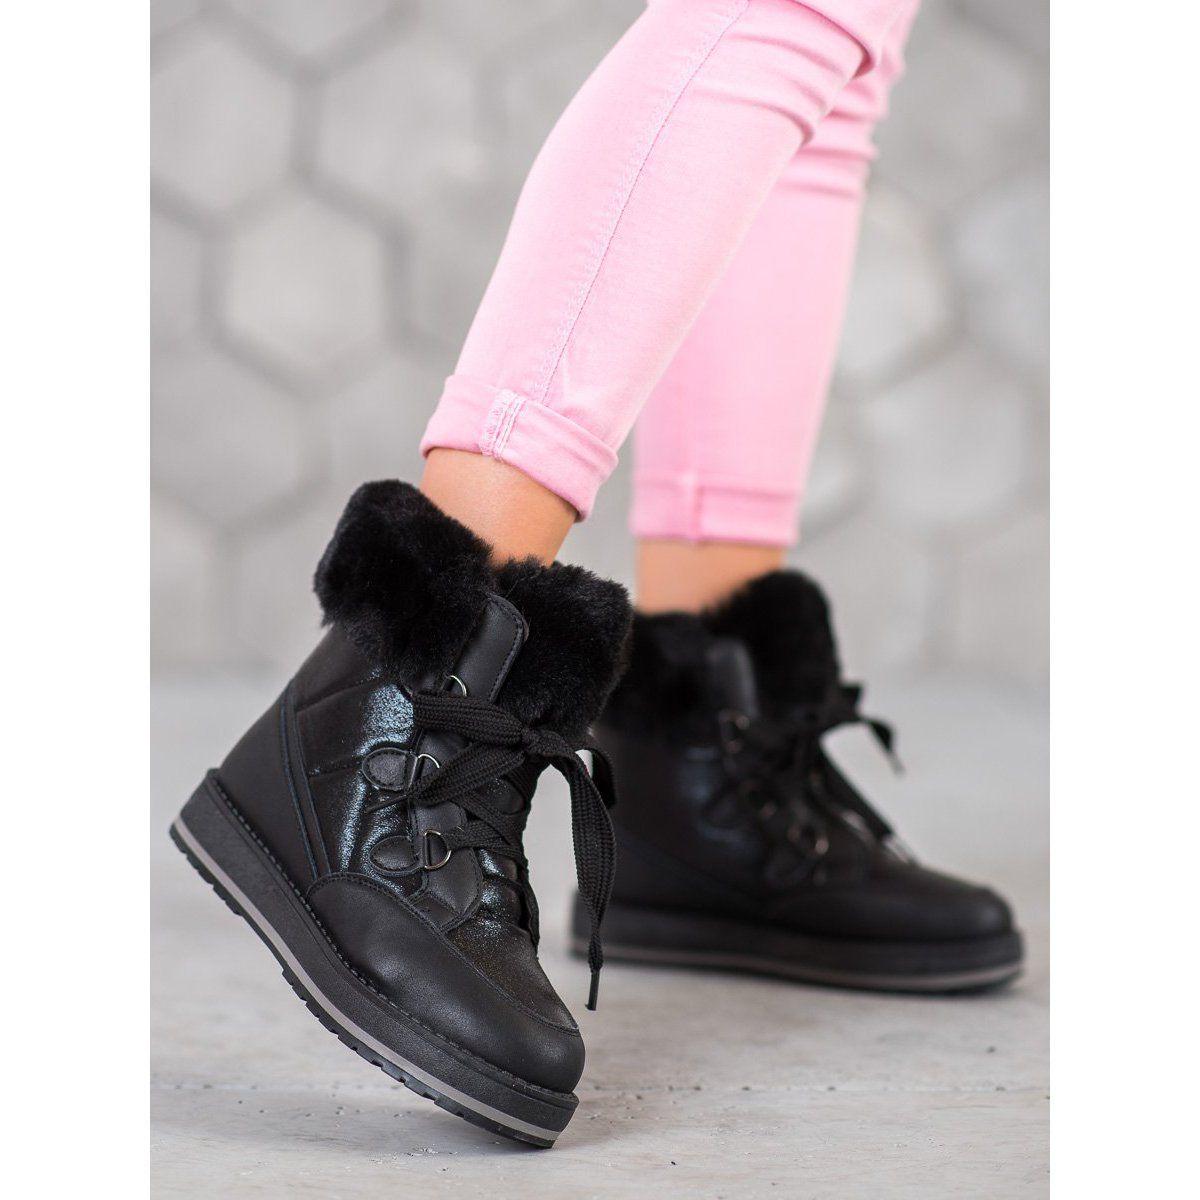 Muto Blyszczace Sniegowce Czarne All Black Sneakers Black Sneaker Boots